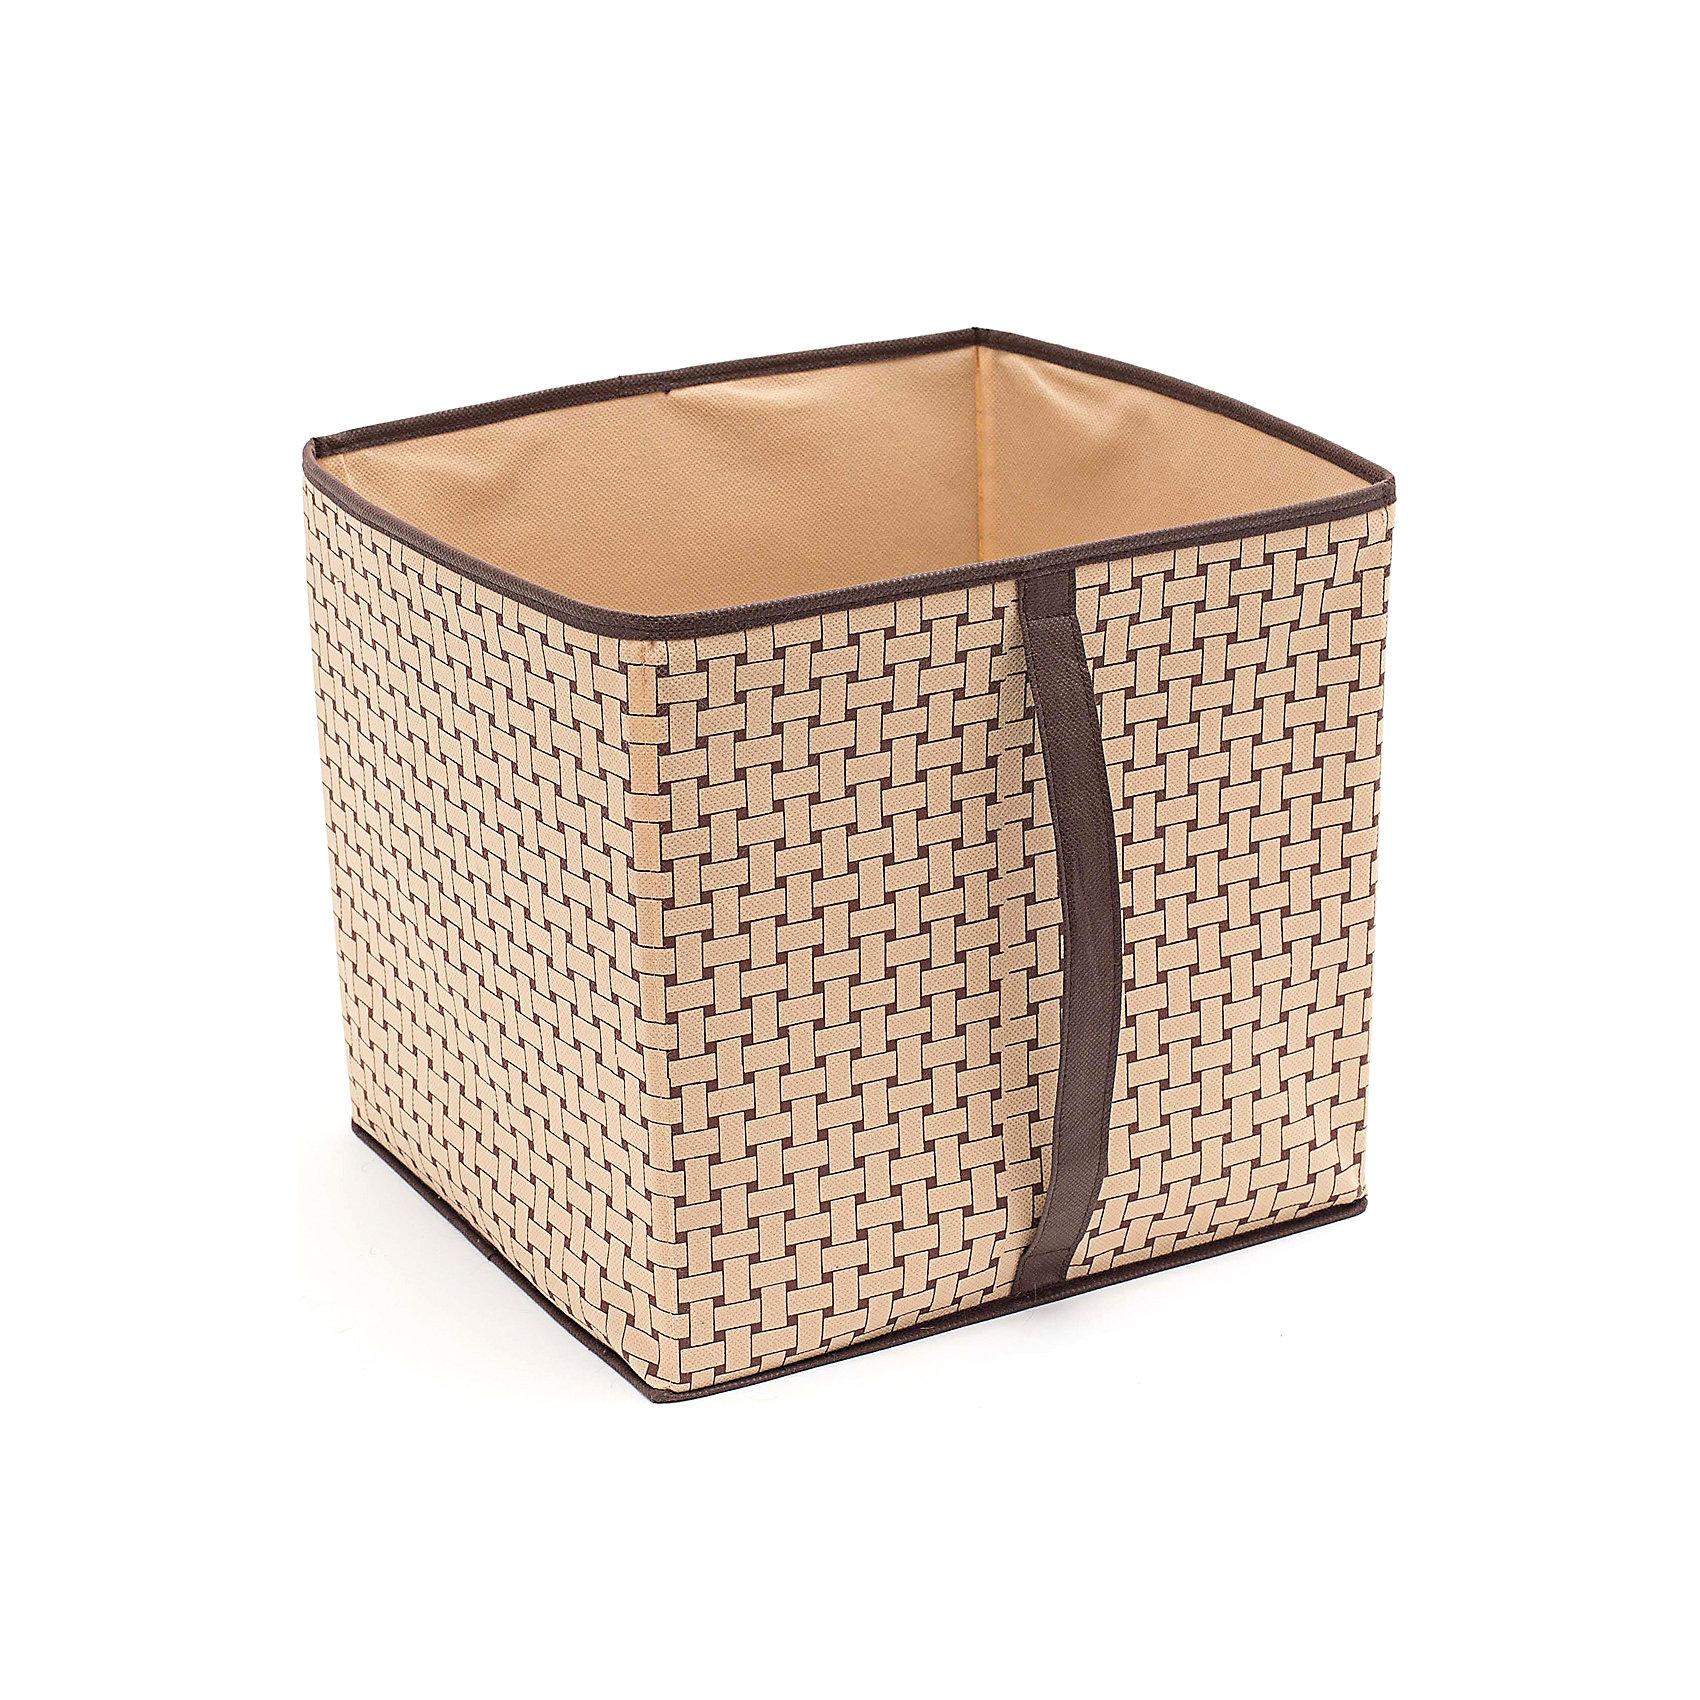 Короб большой для вещей Pletenka (30*33*32), HomsuПорядок в детской<br>Характеристики товара:<br><br>• цвет: бежевый<br>• материал: спанбонд, картон, ПВХ<br>• размер: 30х33х32 см<br>• вес: 400 г<br>• легкий прочный каркас<br>• ручка для переноски<br>• вместимость: 1 отделение<br>• страна бренда: Россия<br>• страна изготовитель: Китай<br><br>Короб большой для вещей Pletenka от бренда Homsu (Хомсу) - очень удобная вещь для хранения вещей и эргономичной организации пространства.<br><br>Он легкий, устойчивый, вместительный, имеет удобную ручку для переноски.<br><br>Короб большой для вещей Pletenka (30*33*32), Homsu можно купить в нашем интернет-магазине.<br><br>Ширина мм: 620<br>Глубина мм: 330<br>Высота мм: 20<br>Вес г: 400<br>Возраст от месяцев: 216<br>Возраст до месяцев: 1188<br>Пол: Унисекс<br>Возраст: Детский<br>SKU: 5620145